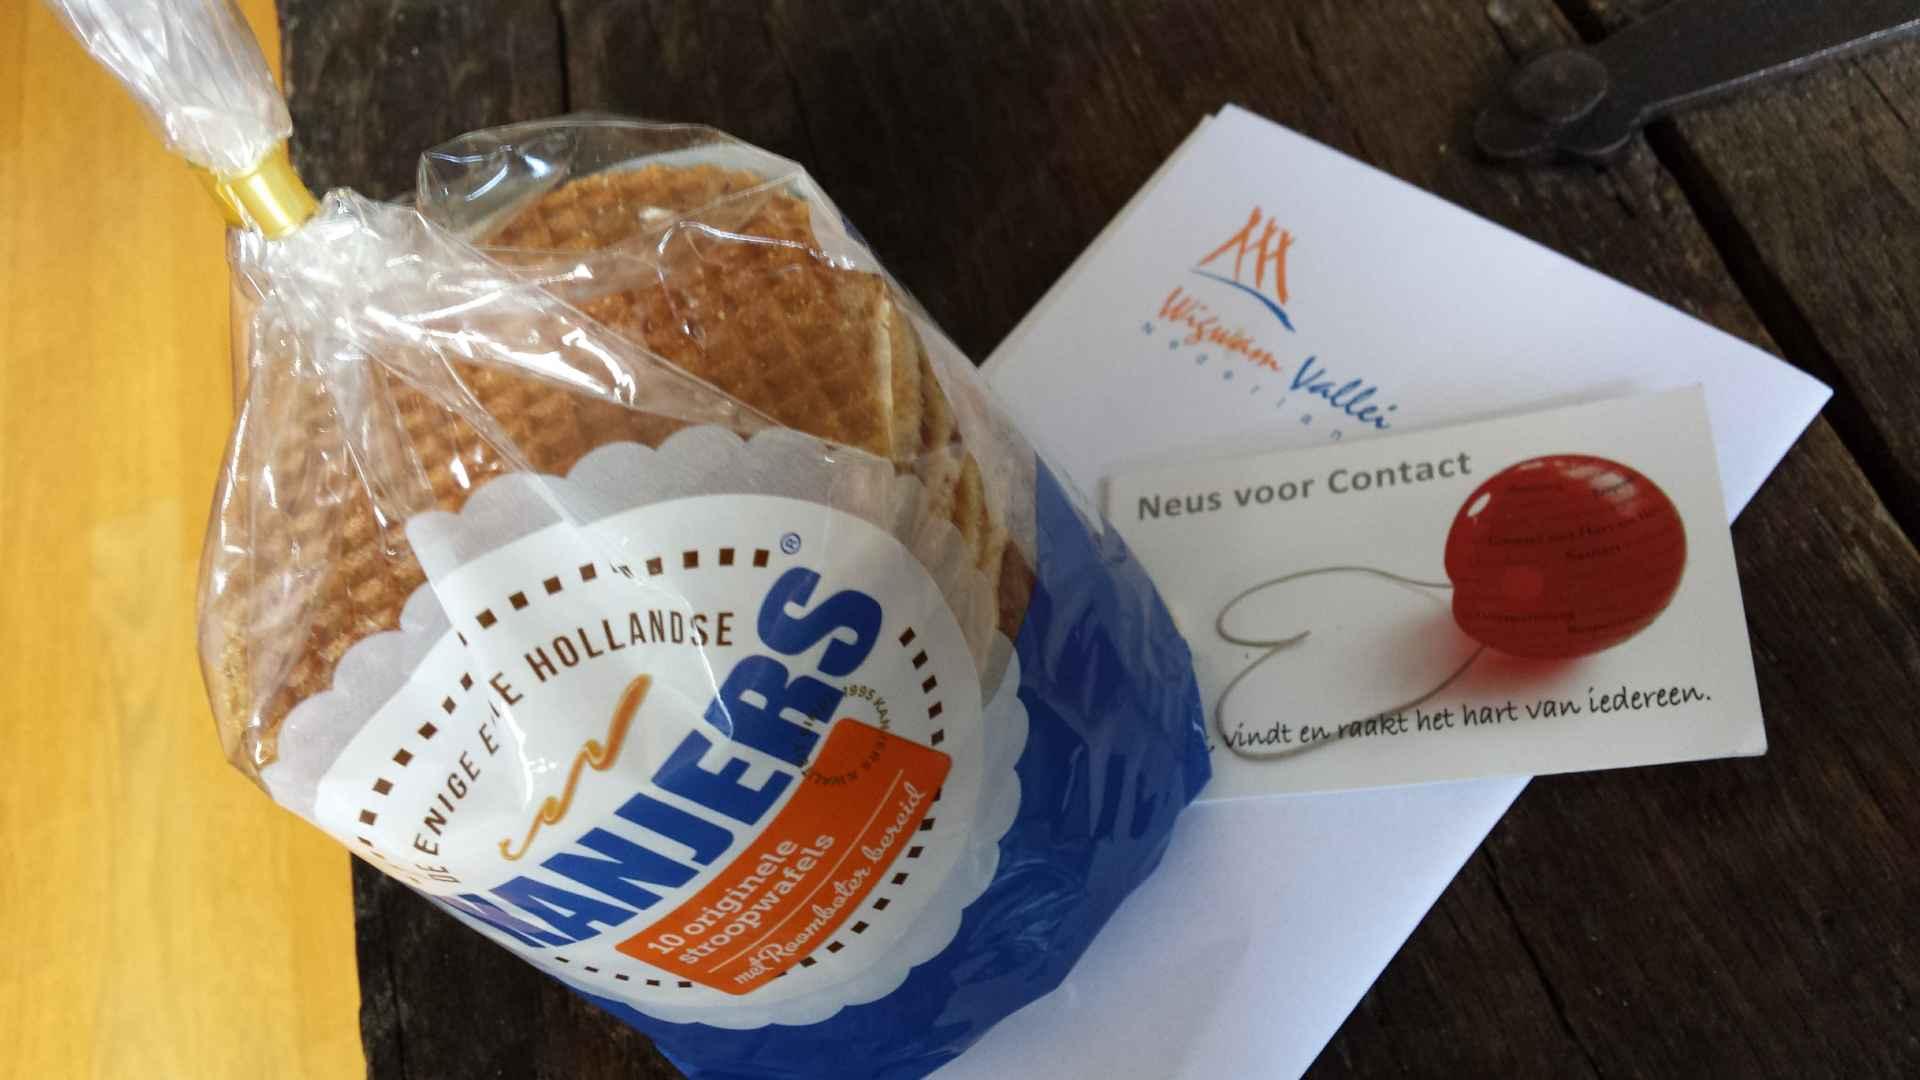 Stroopwafels van Wigwam vakanties en visitekaartje Neus voor Contact www.neusvoorcontact.nl